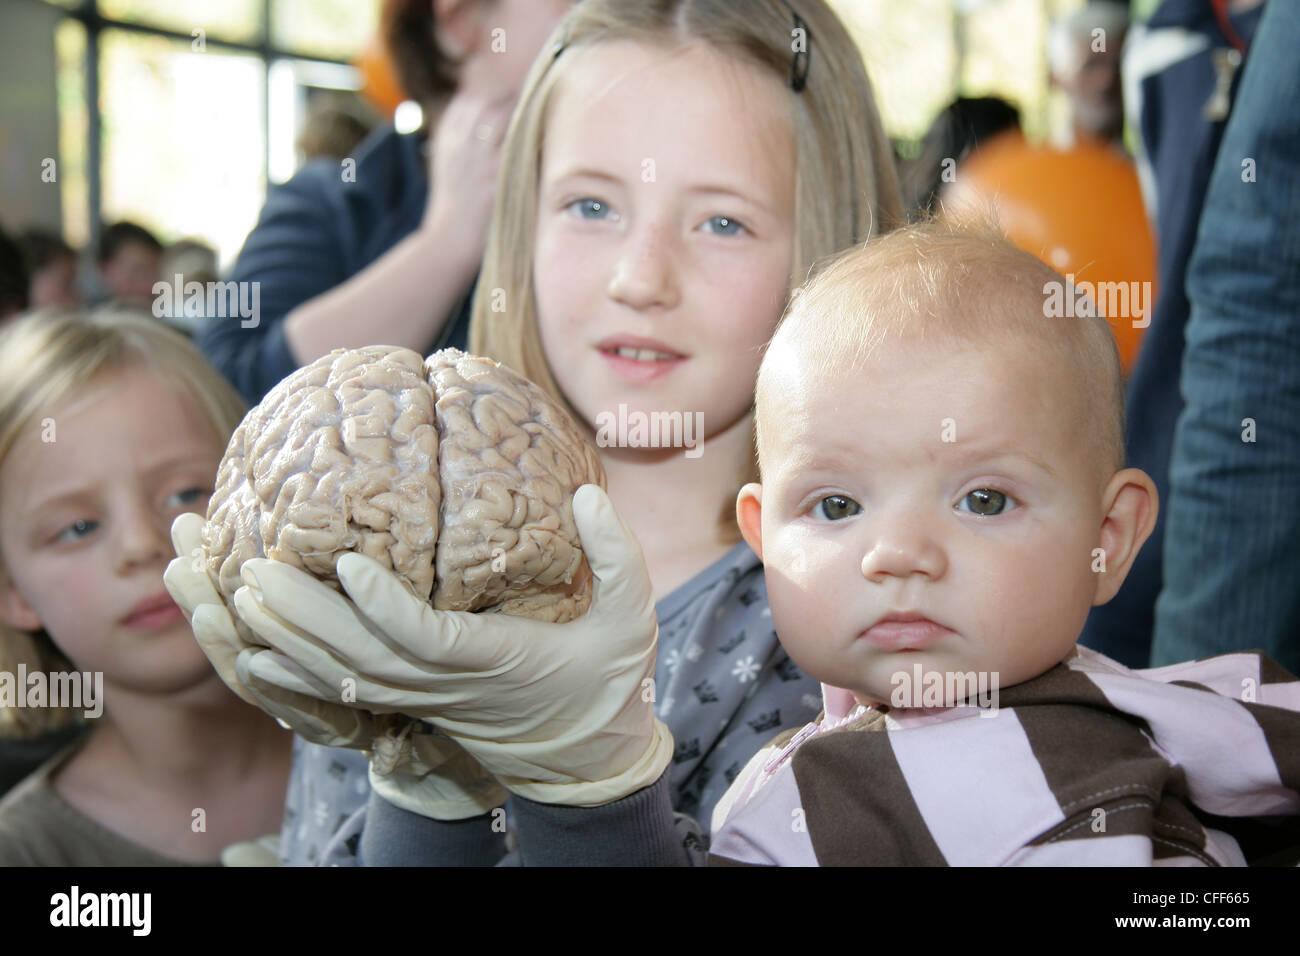 Brains,Intelligence,Hospital,Baby,Thinking,Cortex,Tabula rasa,Behavior,Mindful,Brain,Mindfulness, - Stock Image